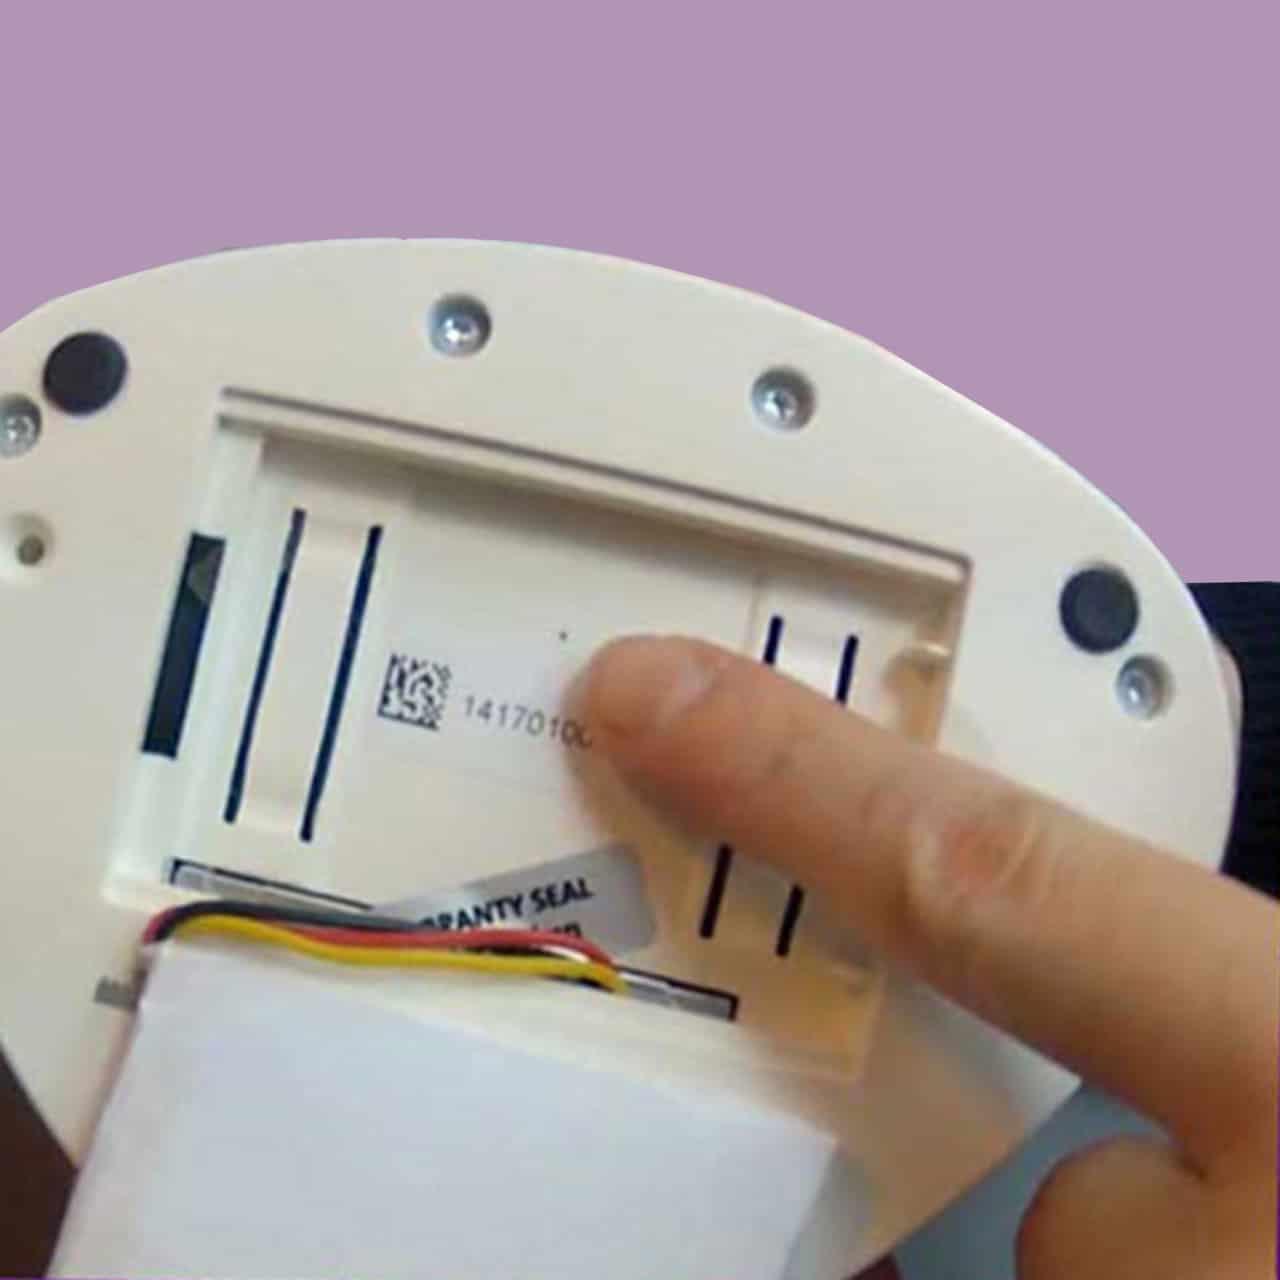 cyclotest myWay lässt sich im Akkufach an der Rückseite neu starten.